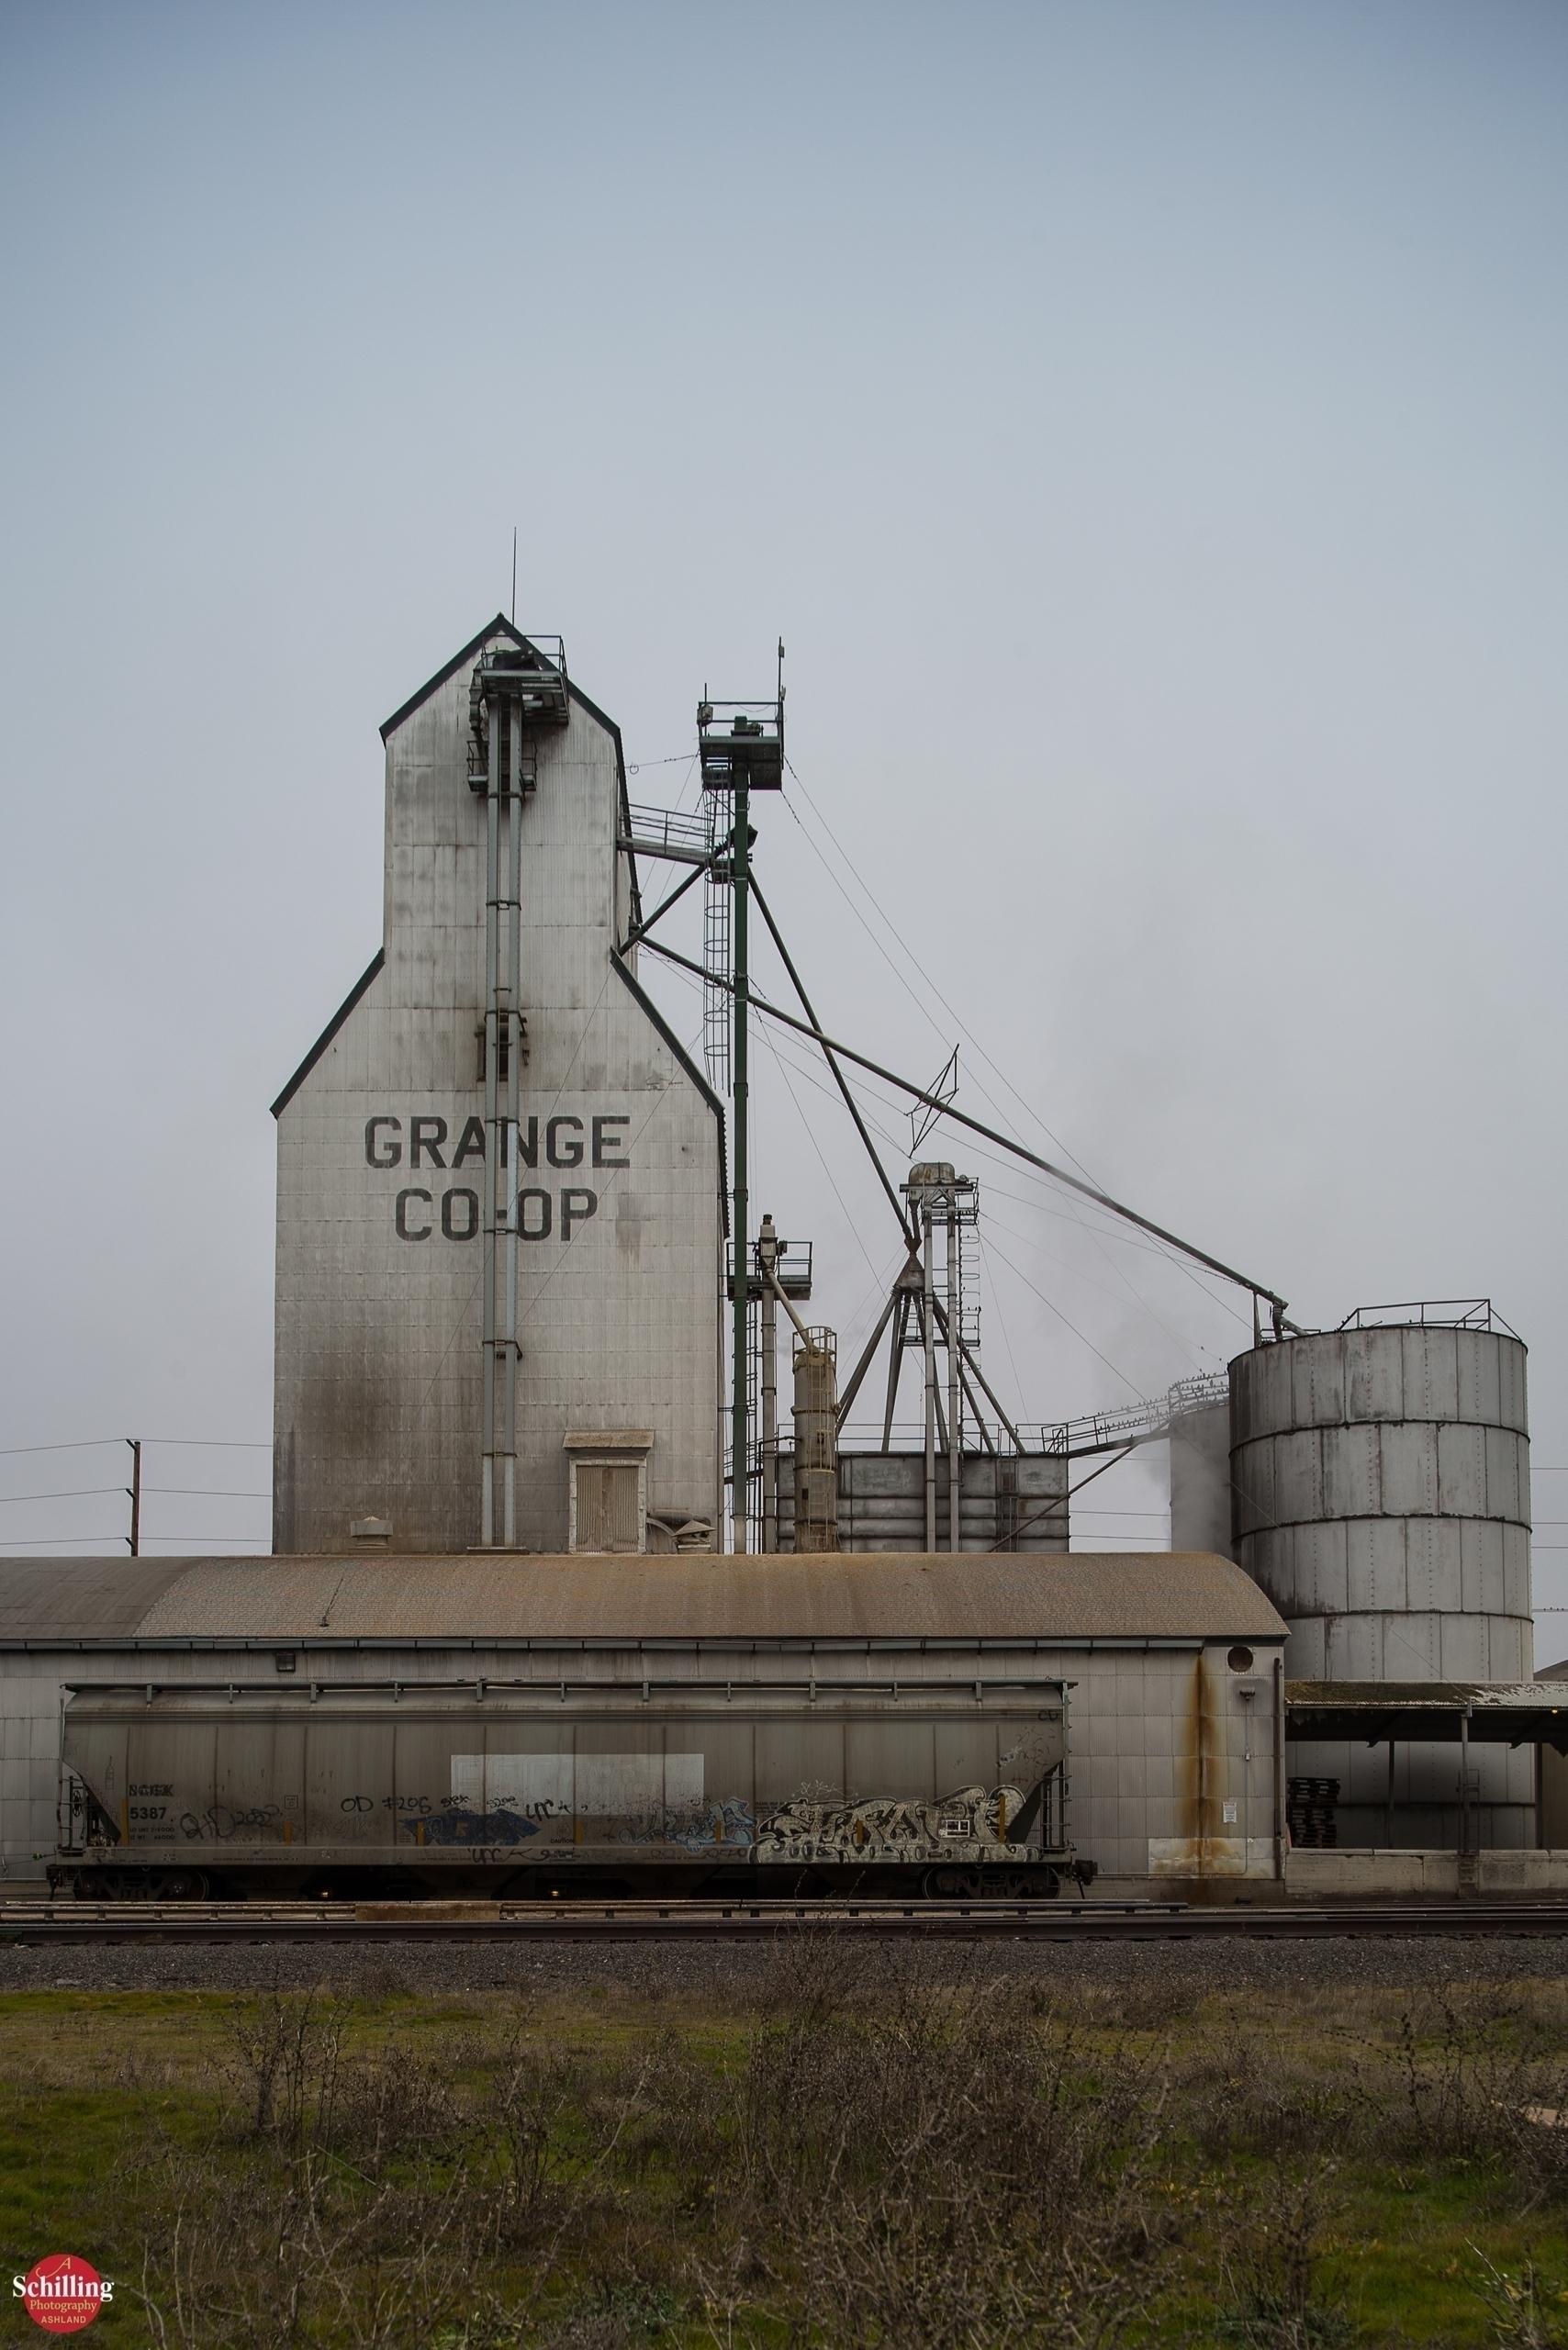 Grain Elevator; Grange Coop Cen - augustschilling   ello